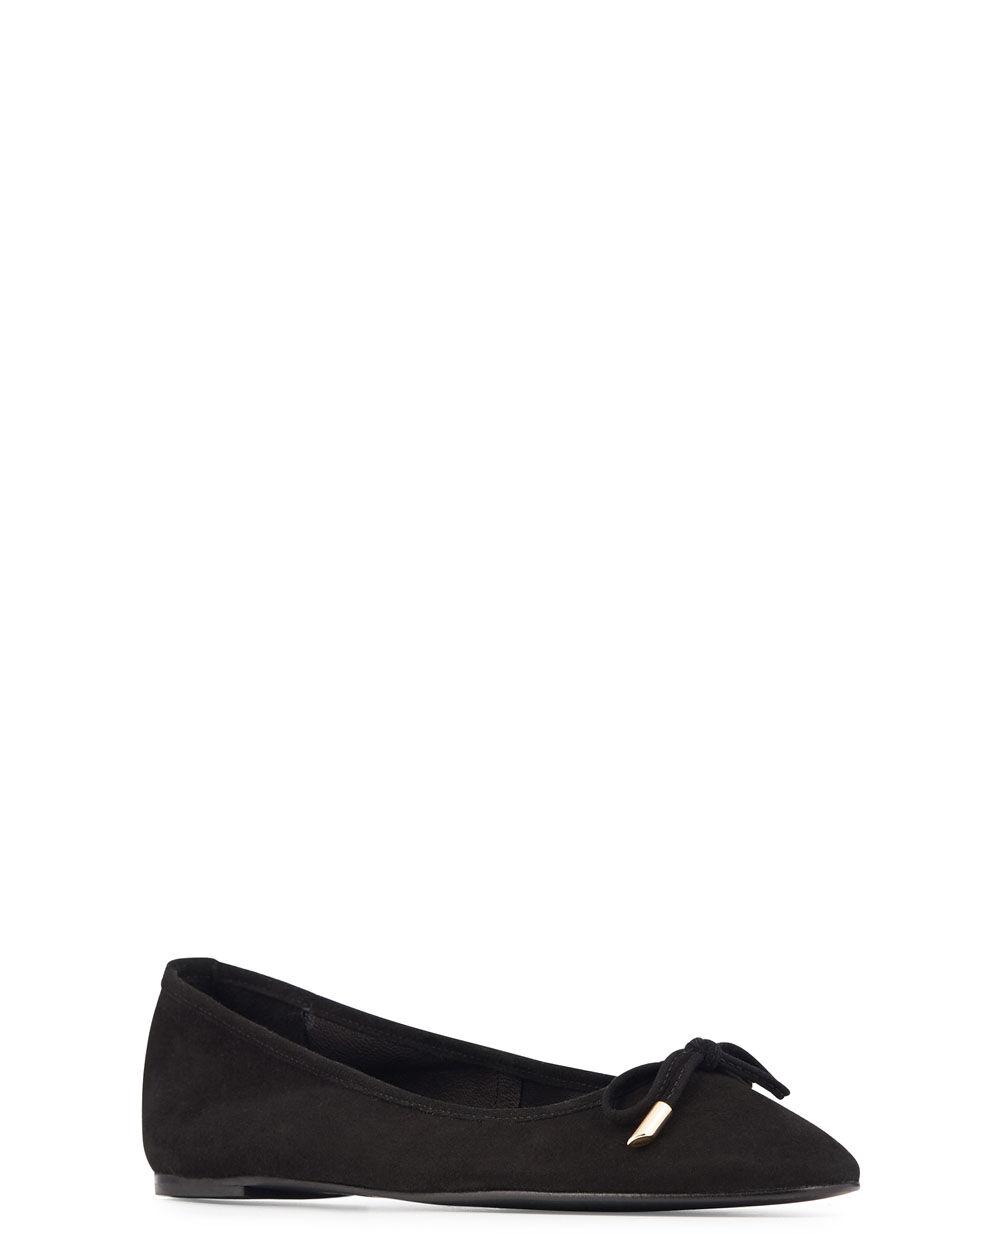 Minelli femme chaussures pour destockage Outlet vWqOYcA